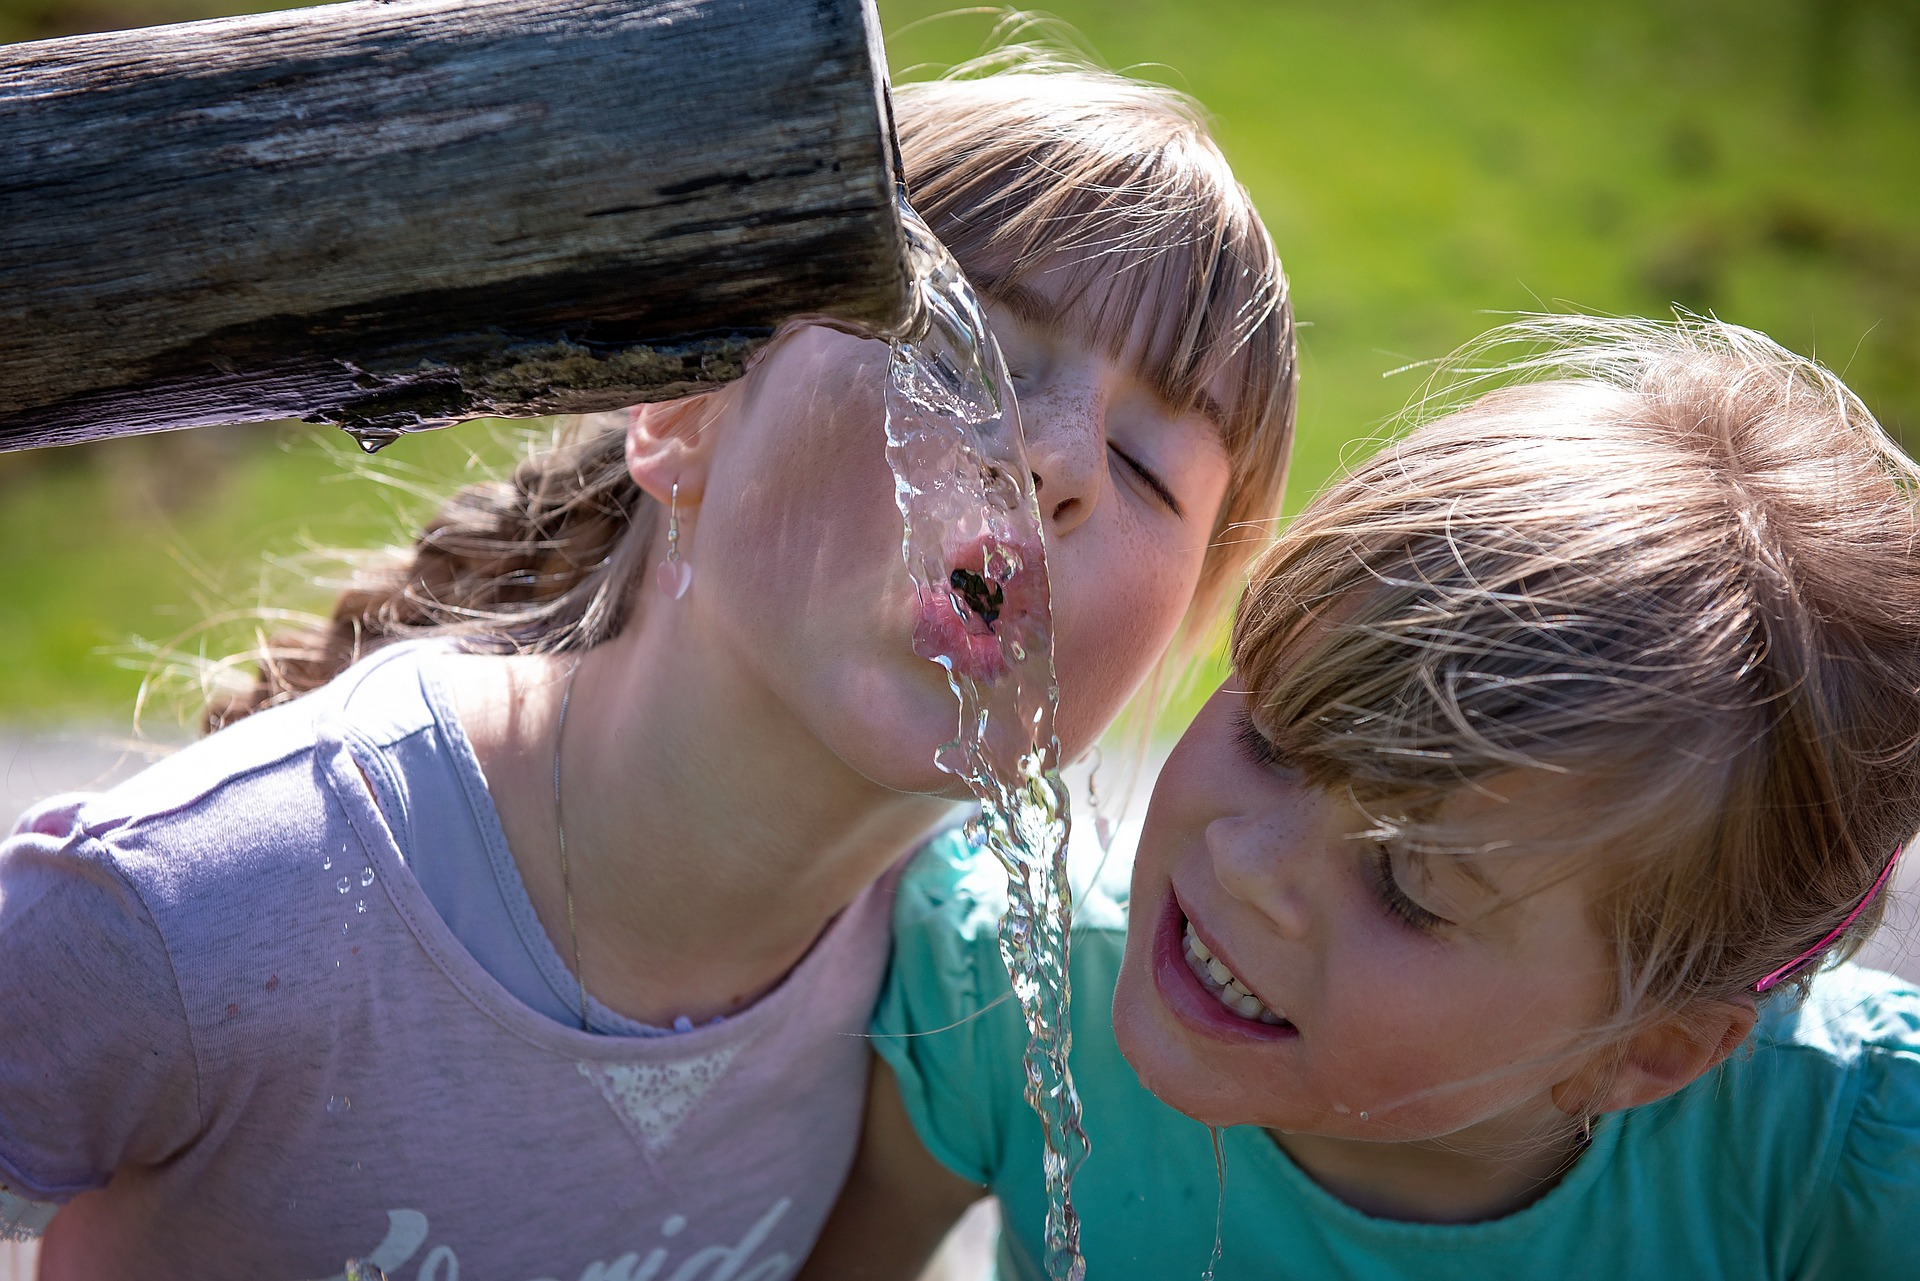 niños tomando agua de jardin